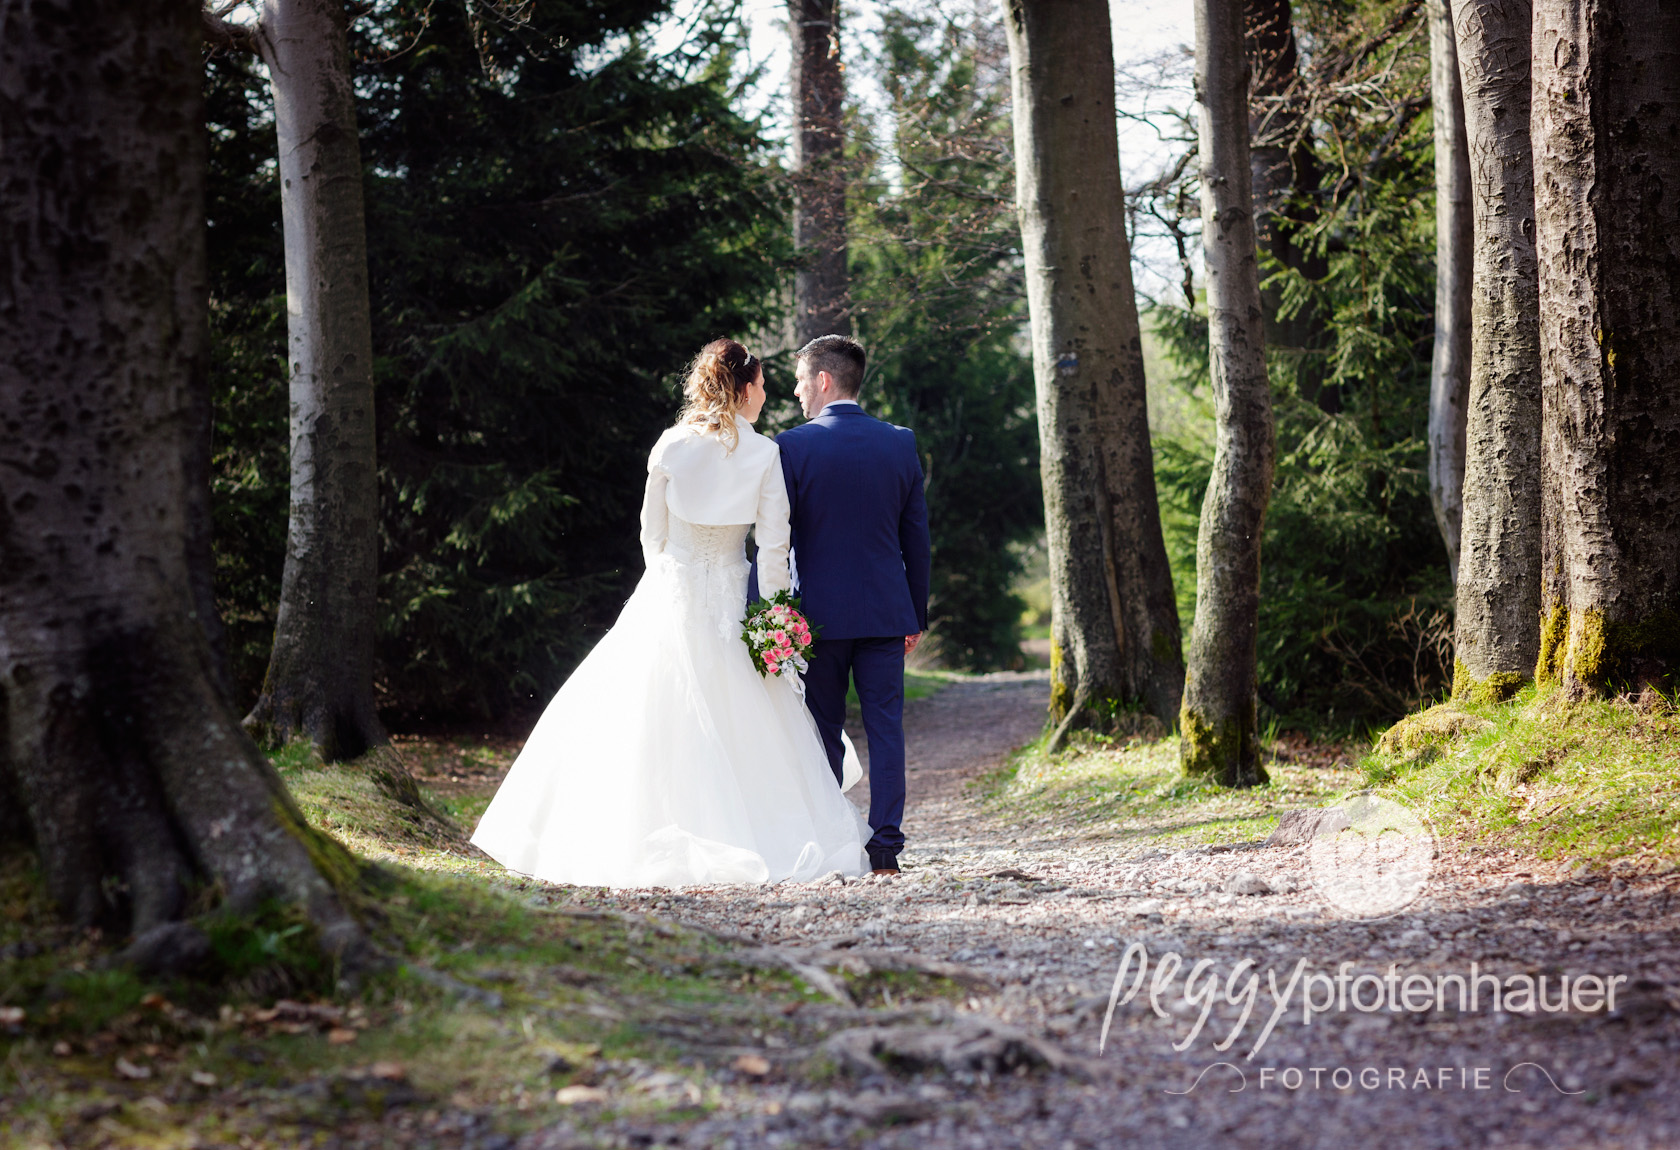 Hochzeit im Wald Peggy Pfotenhauer Fotografie